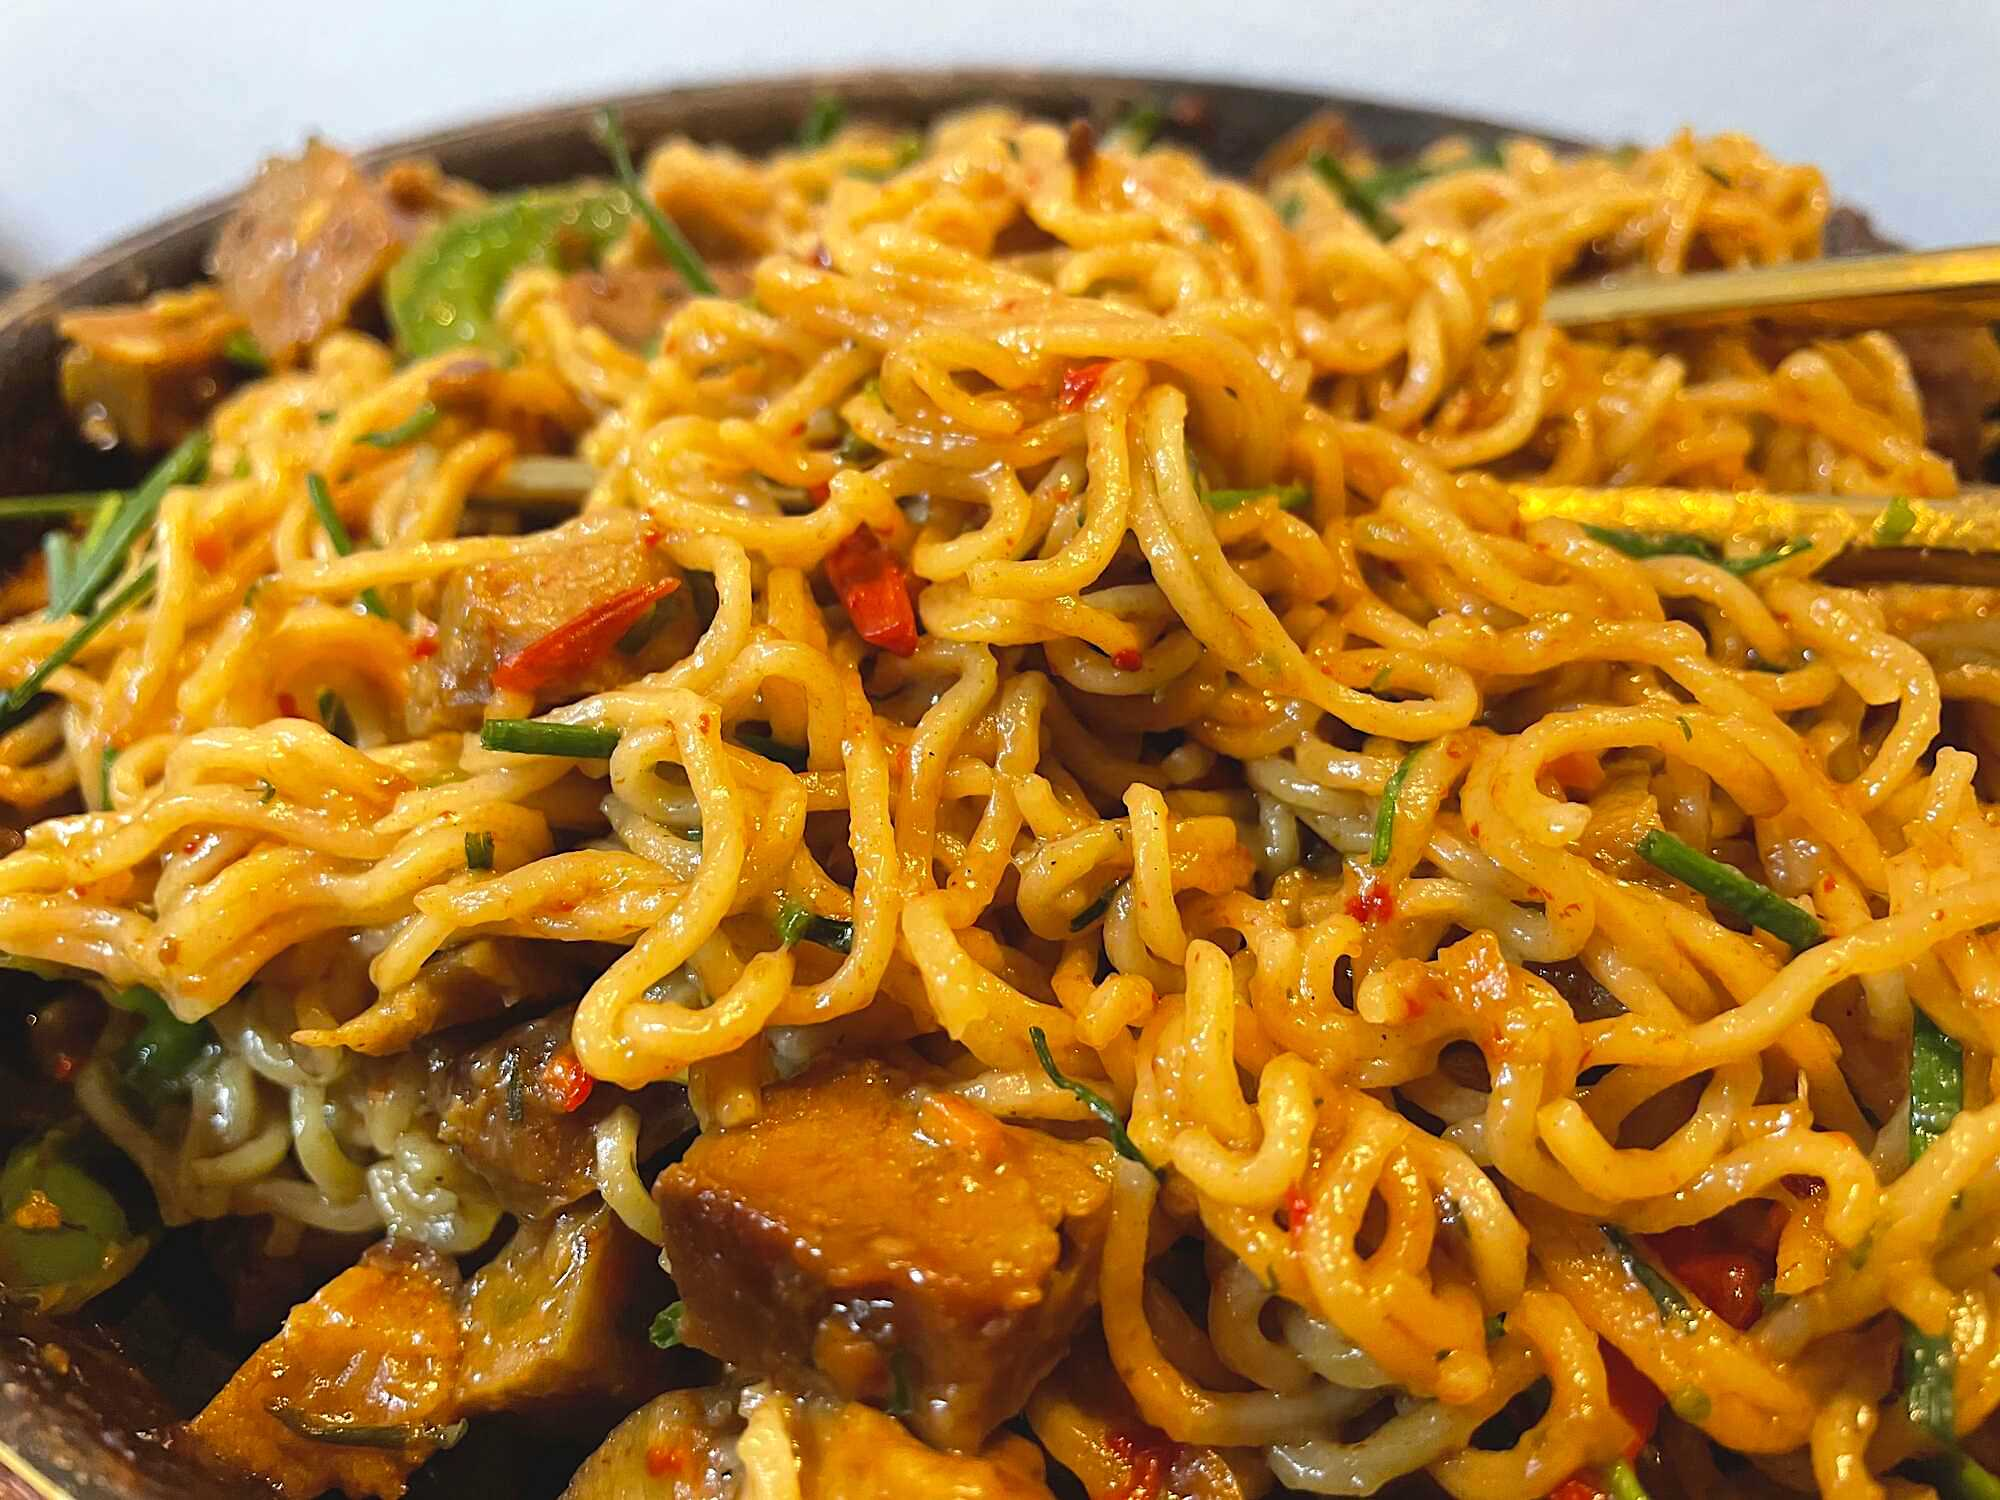 Les nouilles joliment colorées par la sauce soja, recouvrent les poivrons rouge et jaune : Effet visuel garanti avant la dégustation.